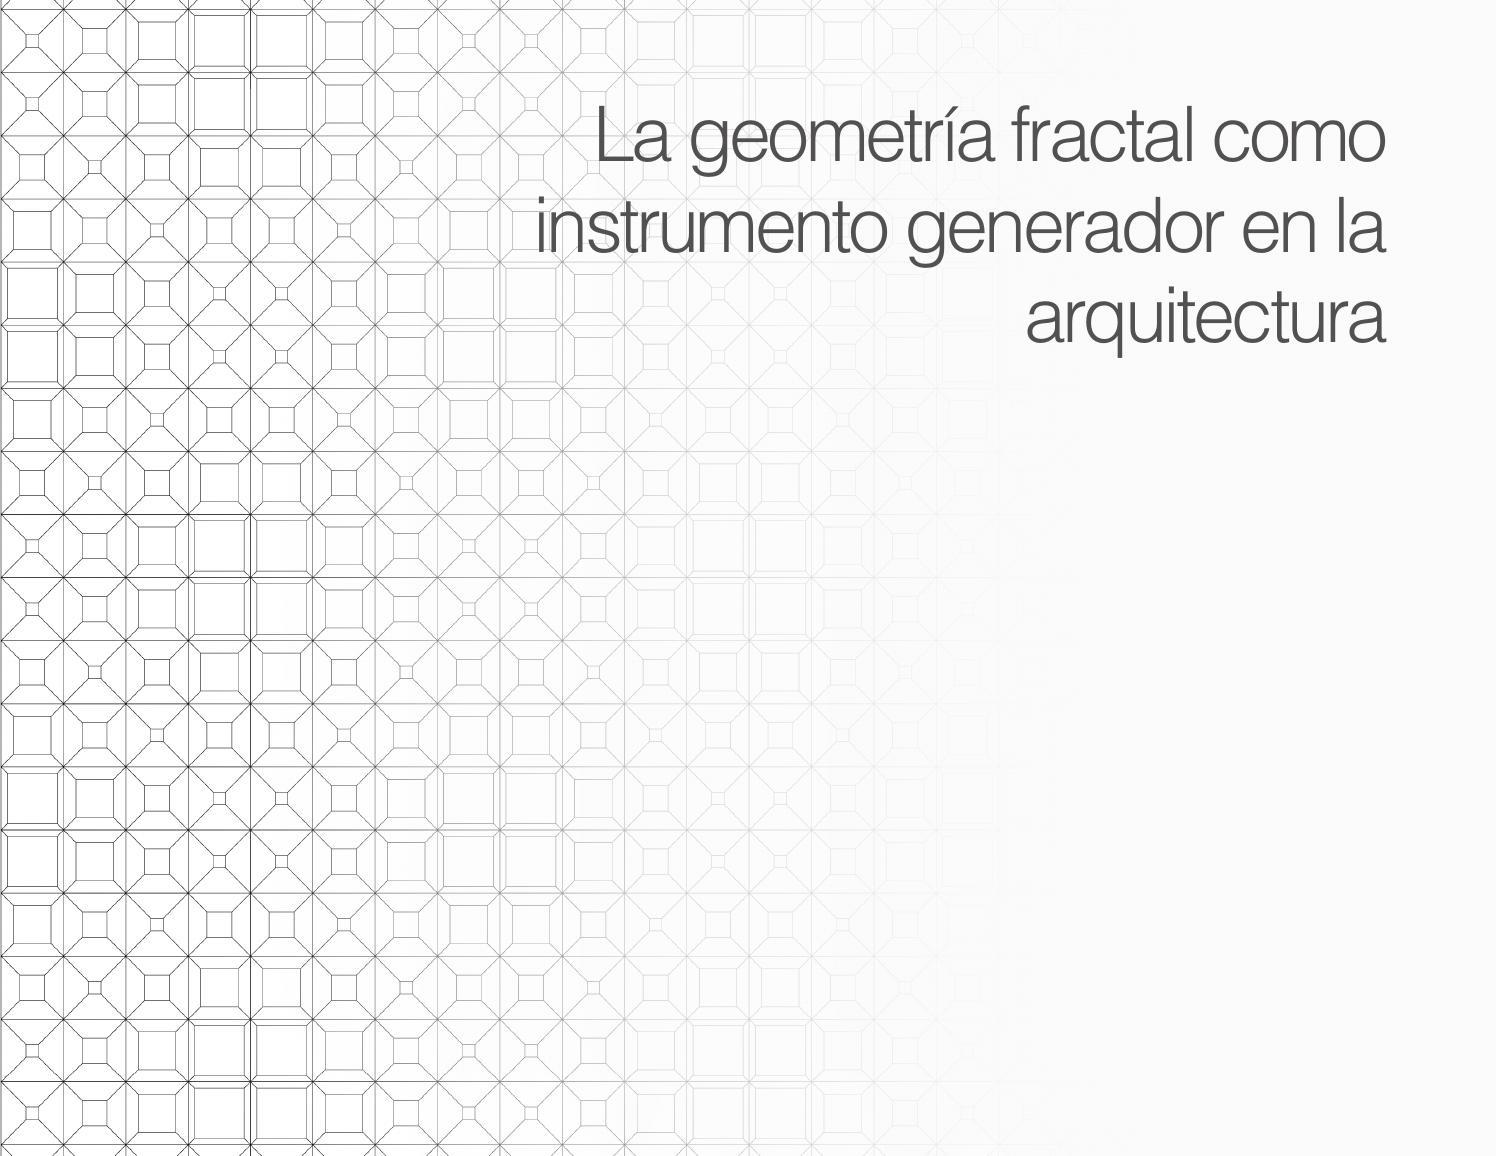 La geometría fractal como instrumento generador en la arquitectura ...